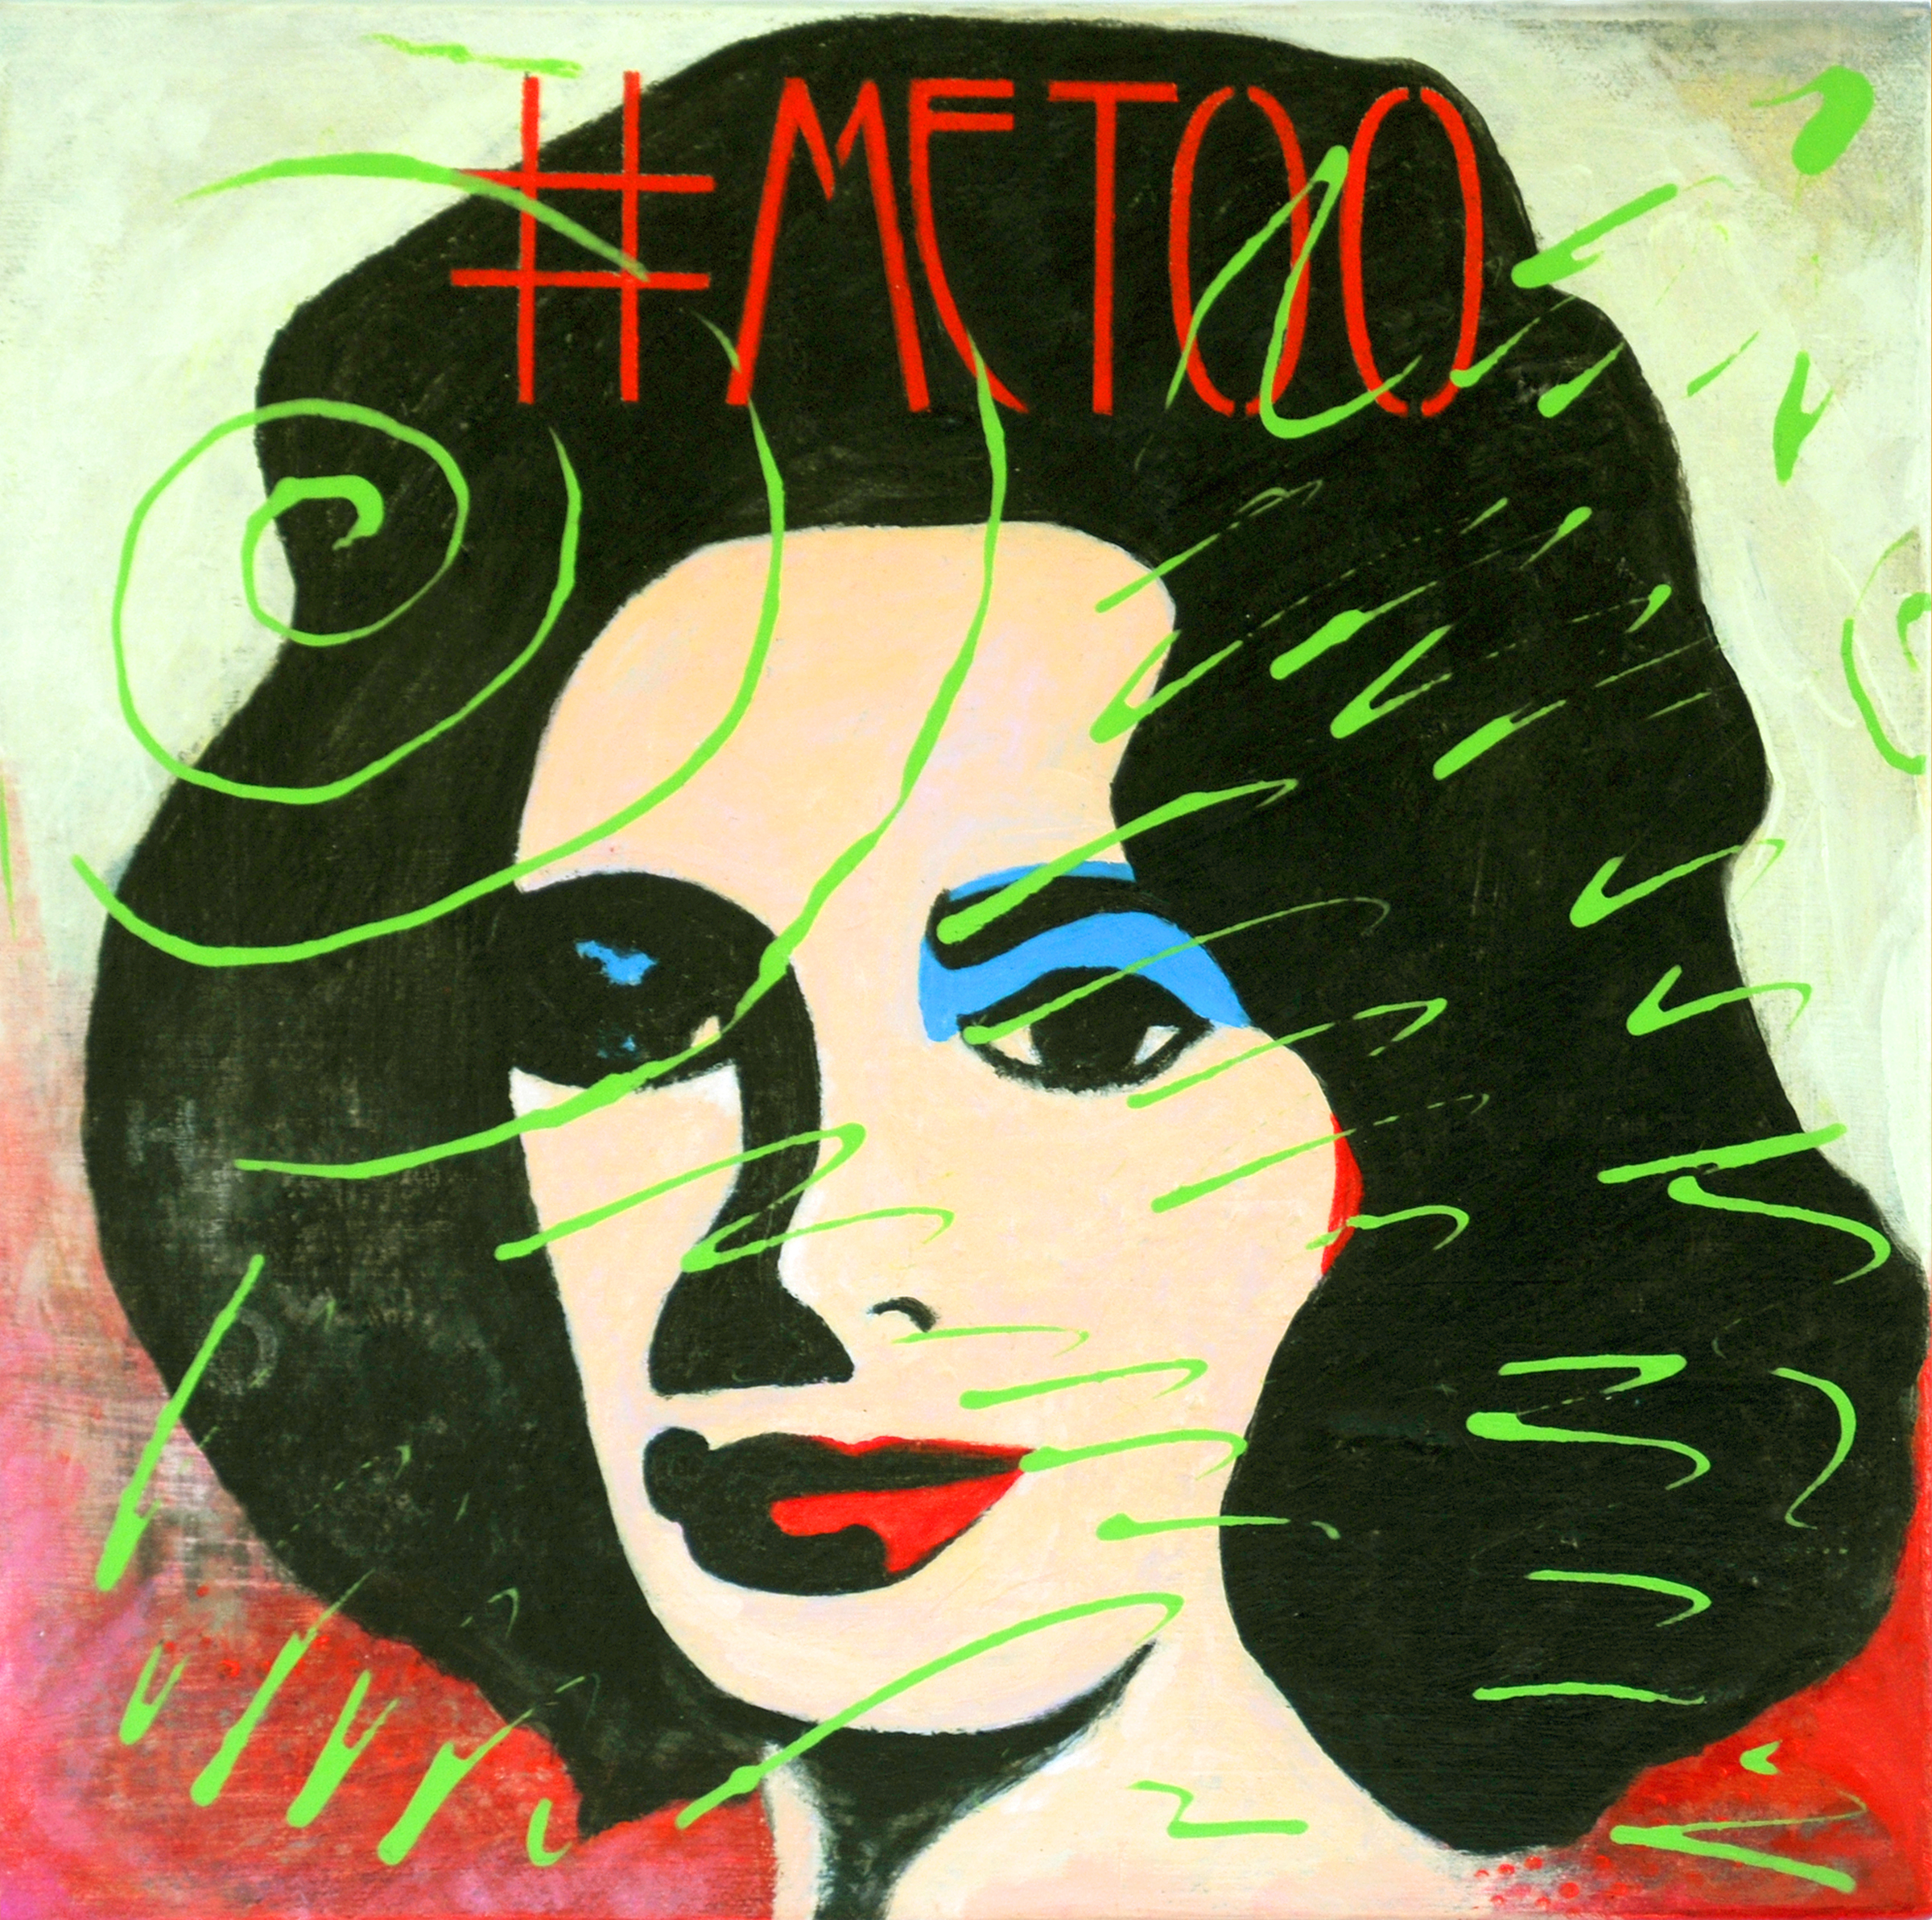 #MeToo: Liz #3